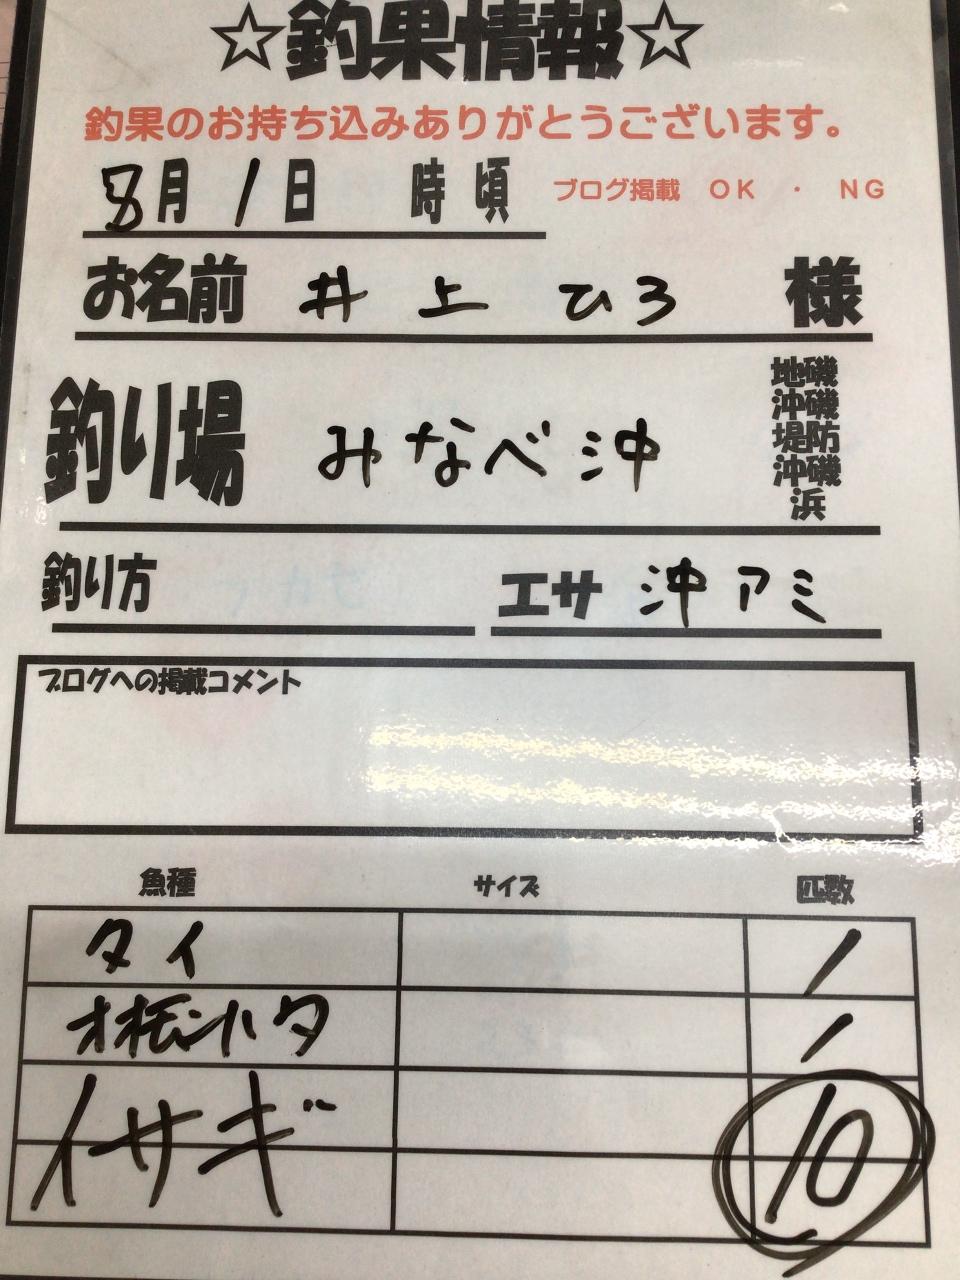 8/1 みなべ沖での釣果情報